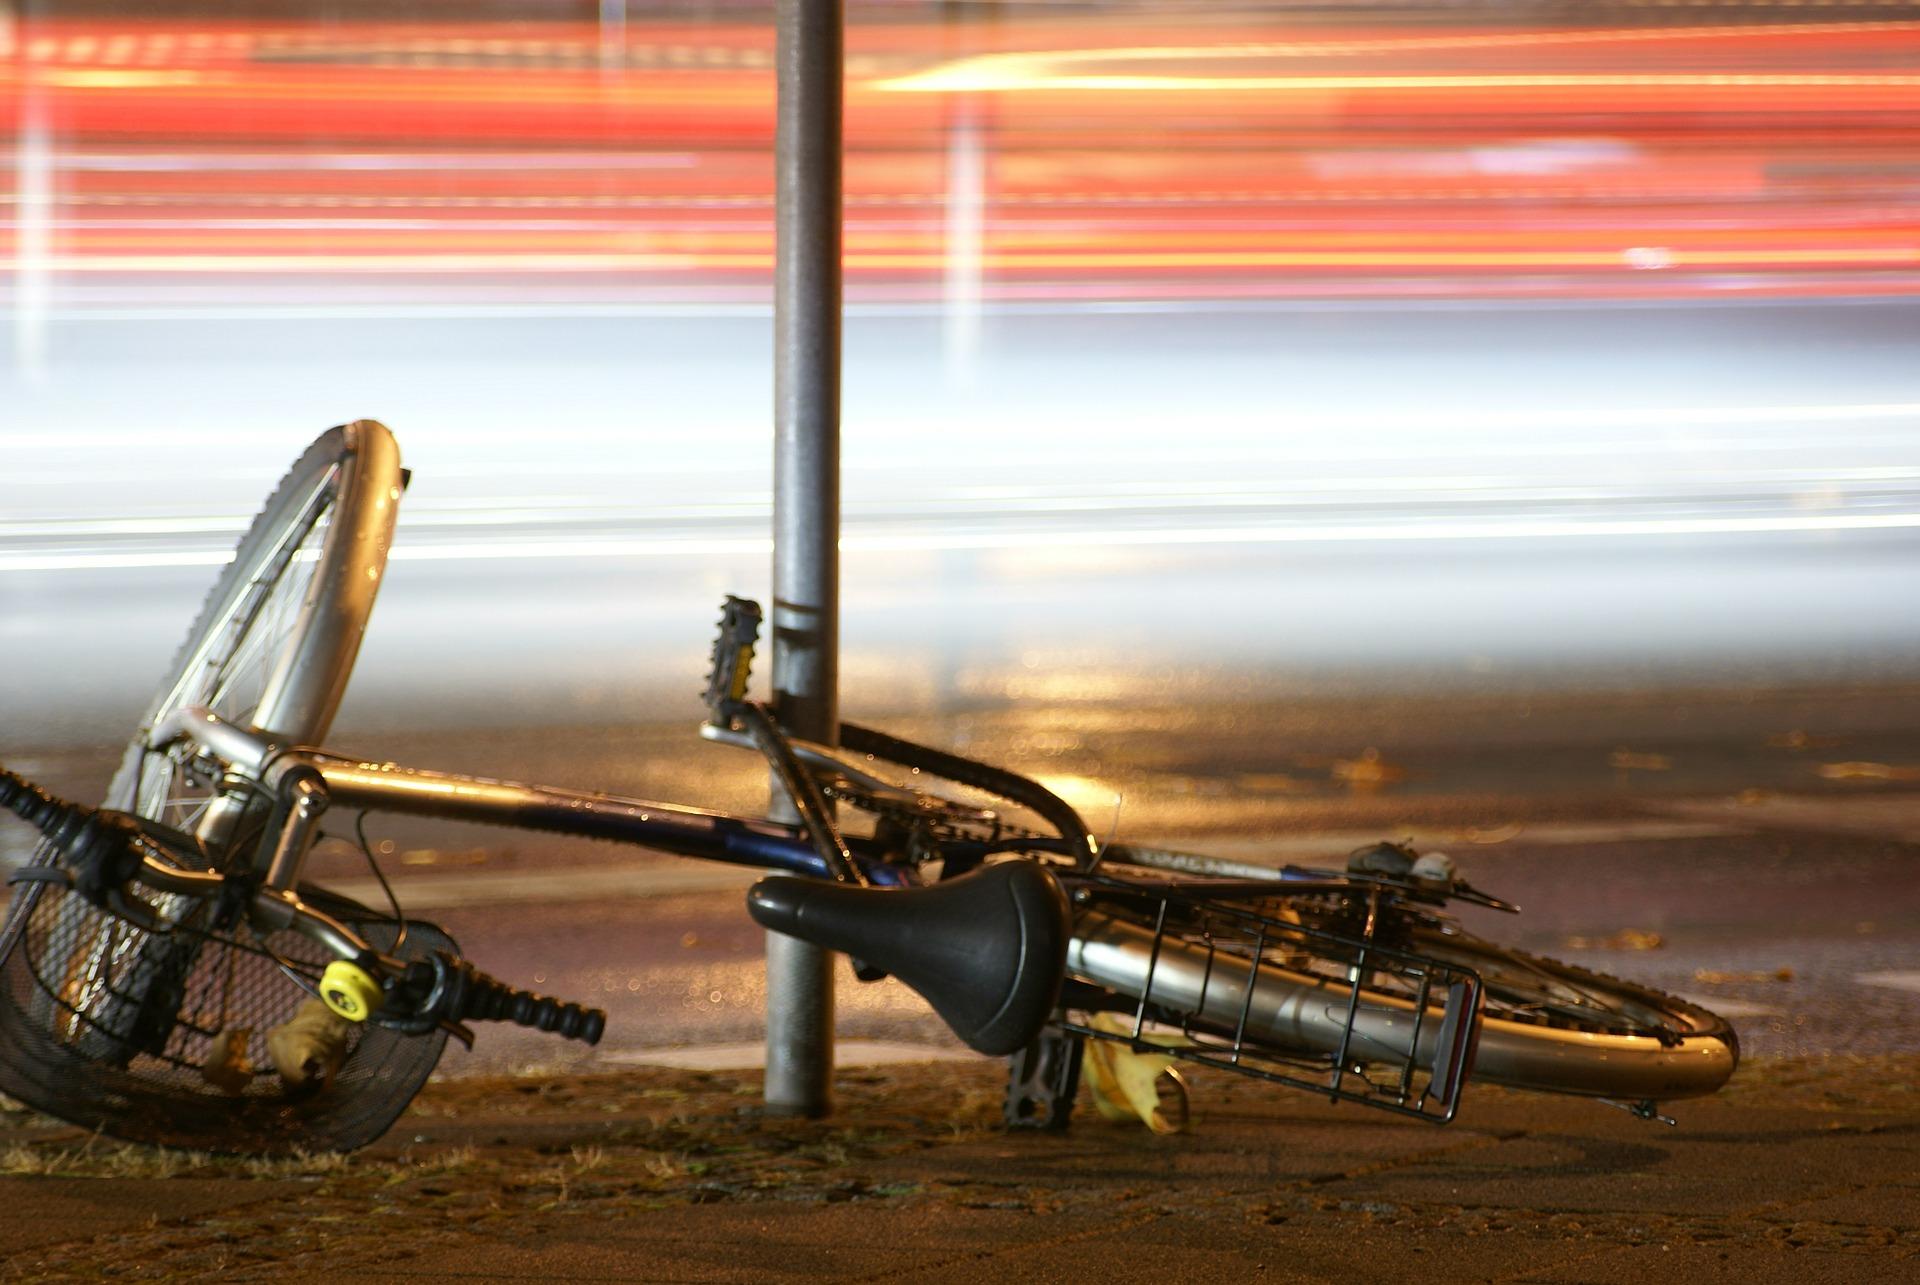 Verkehrssicherungspflicht beim Abstellen von Fahrrädern